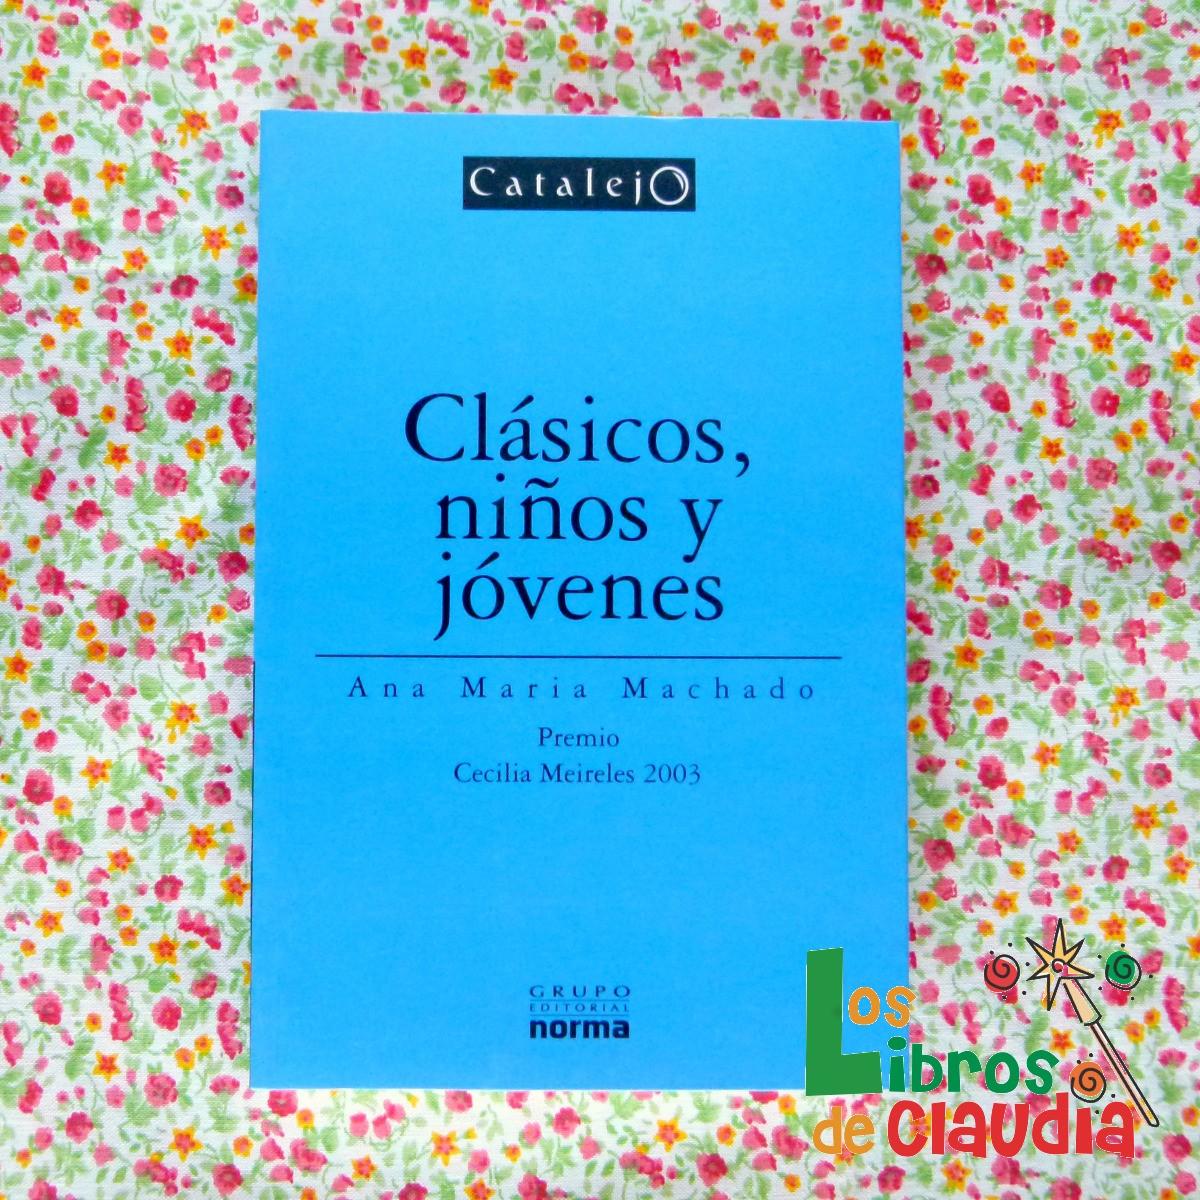 Clásicos, niños y jóvenes